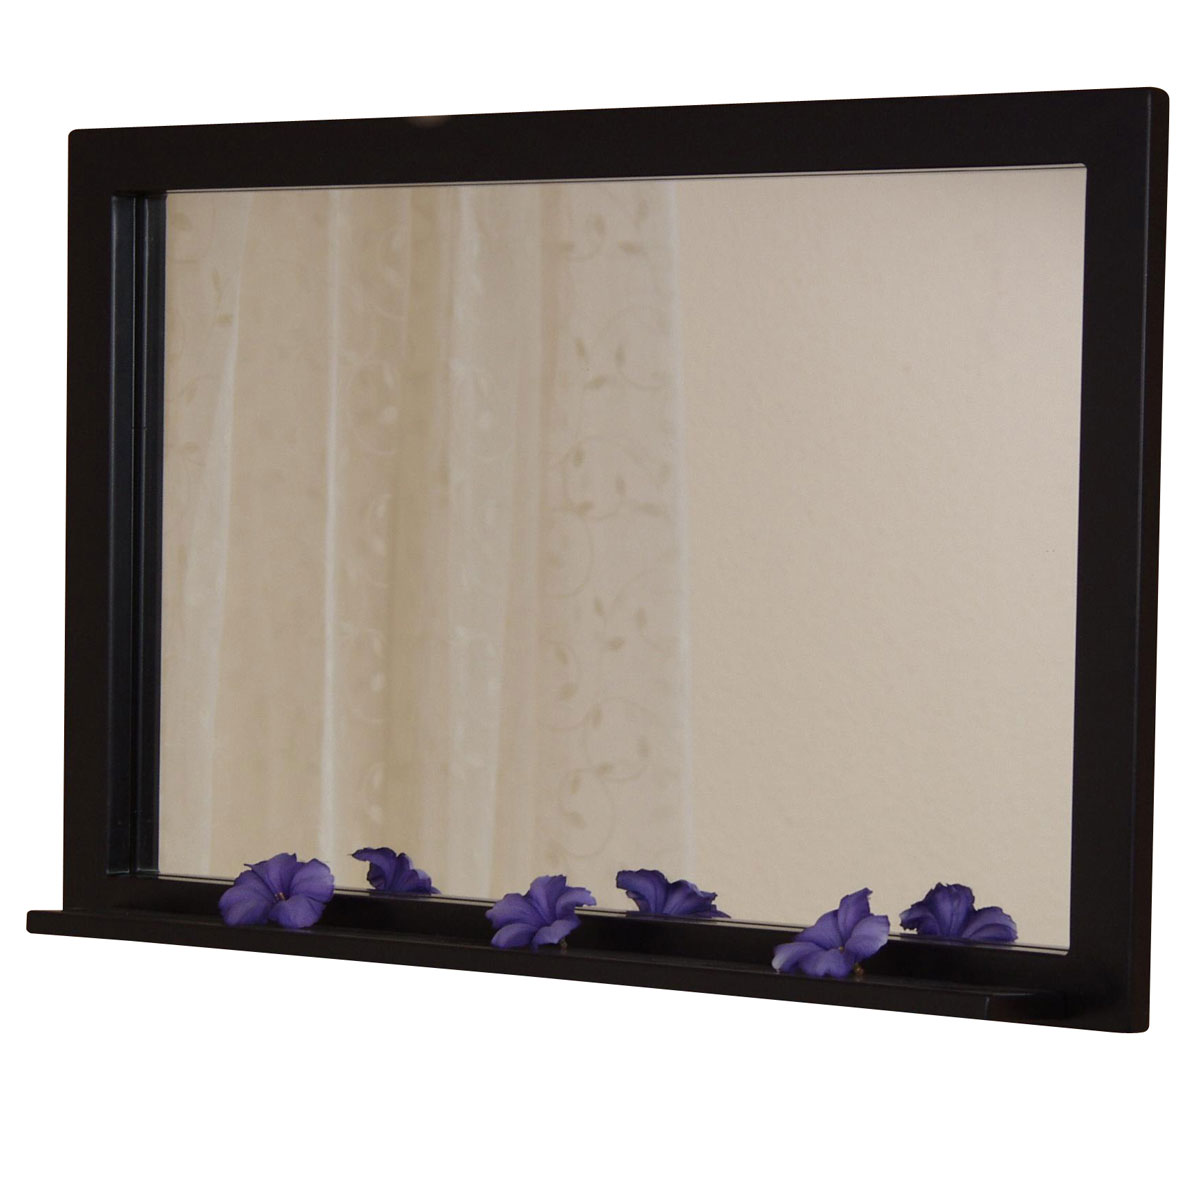 wandspiegel h78 spiegel pulverbeschichtetes metall 80x50cm schwarz. Black Bedroom Furniture Sets. Home Design Ideas